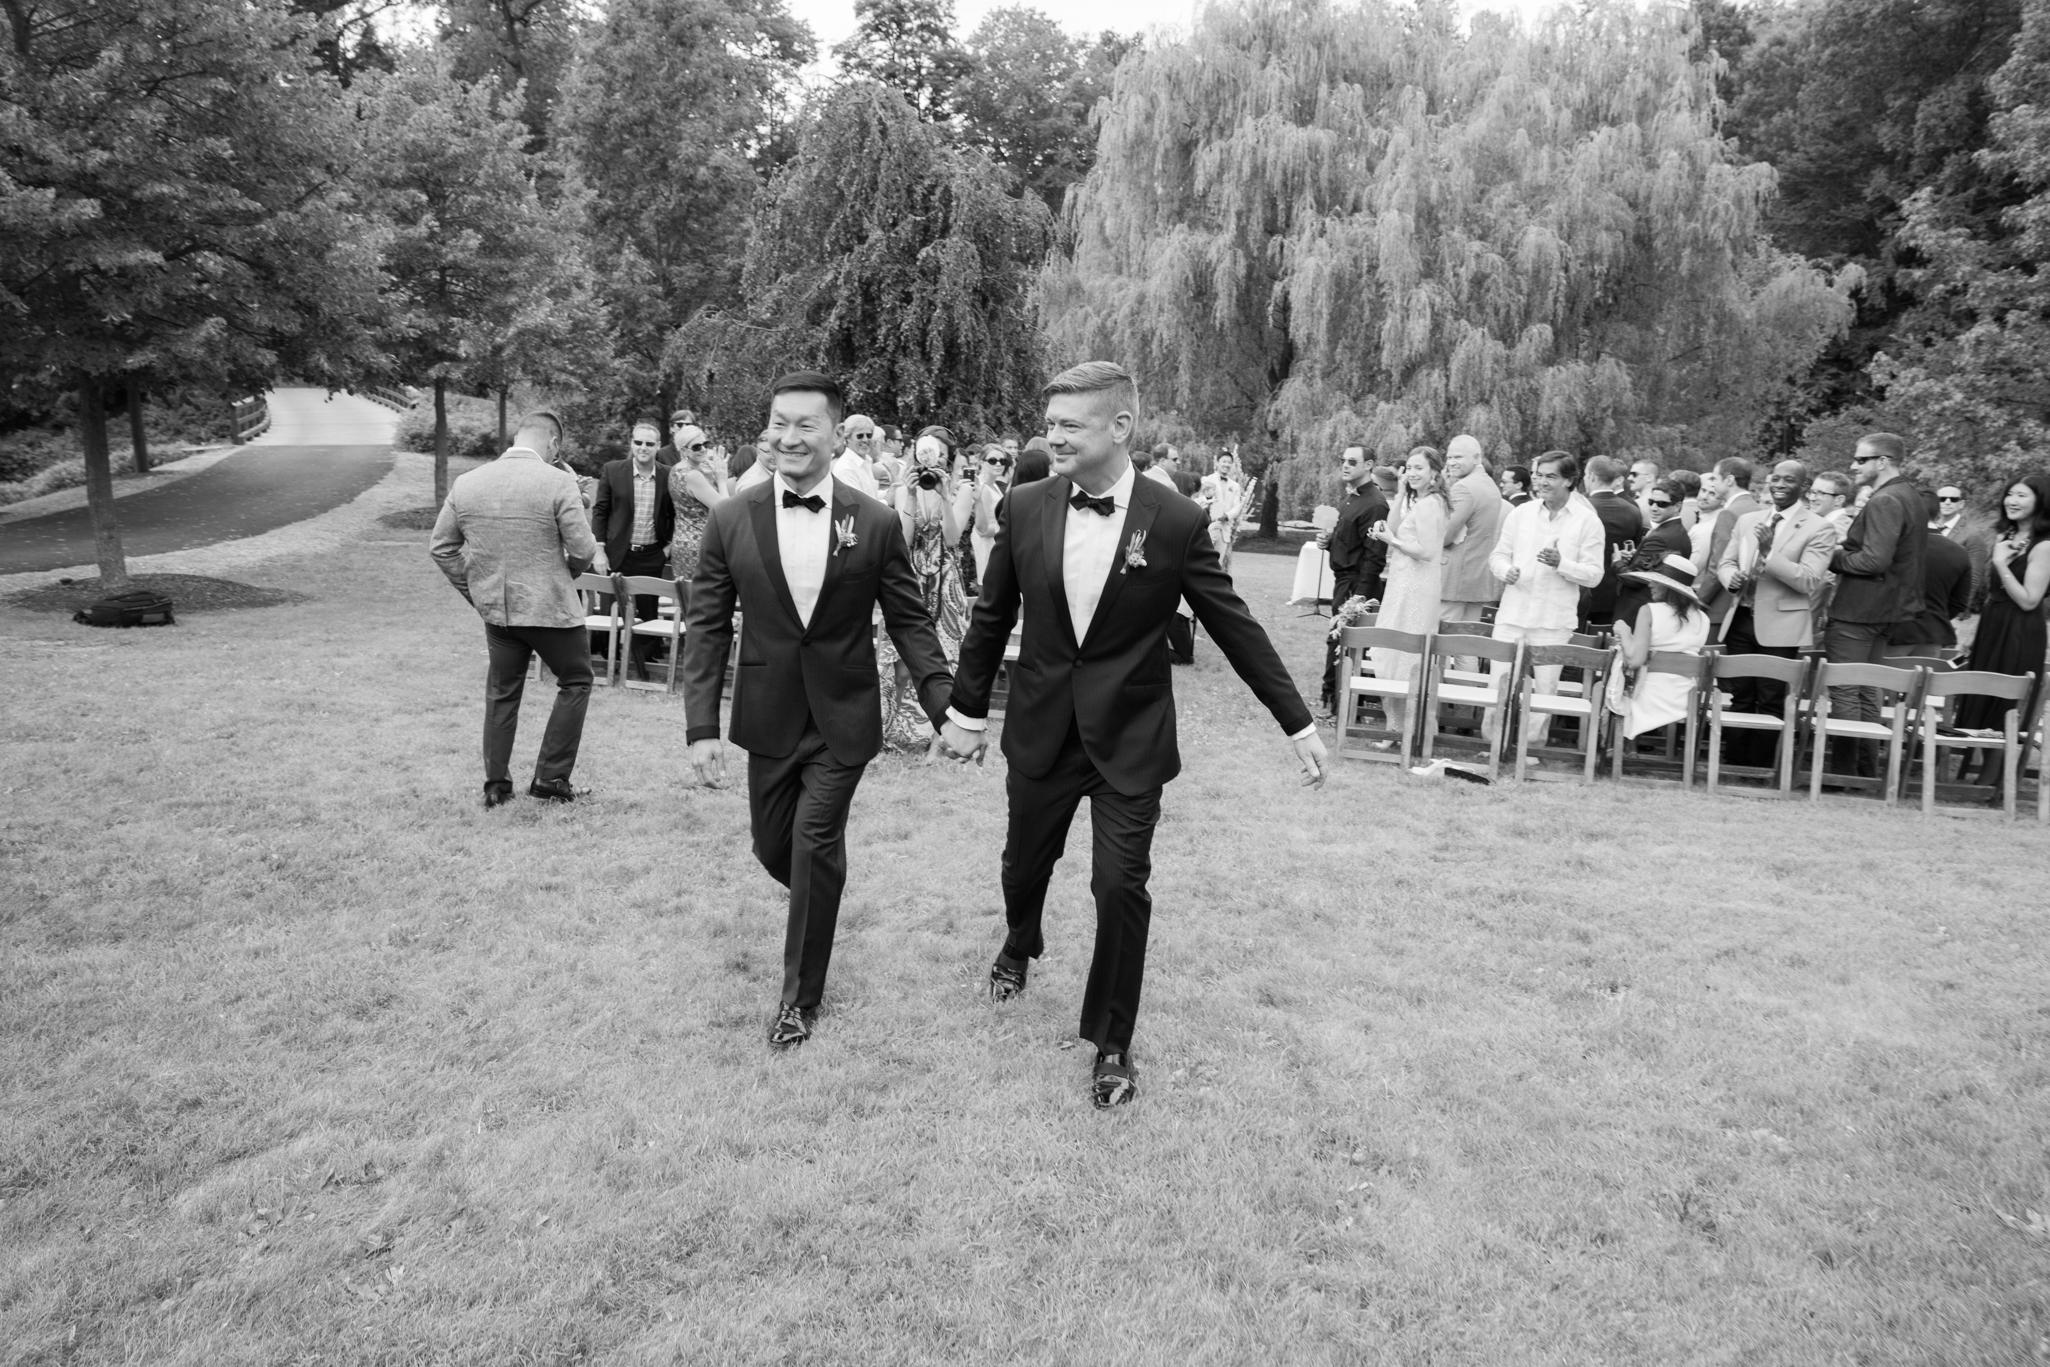 Gay LGBT Wedding - Buttermilk Falls - New York